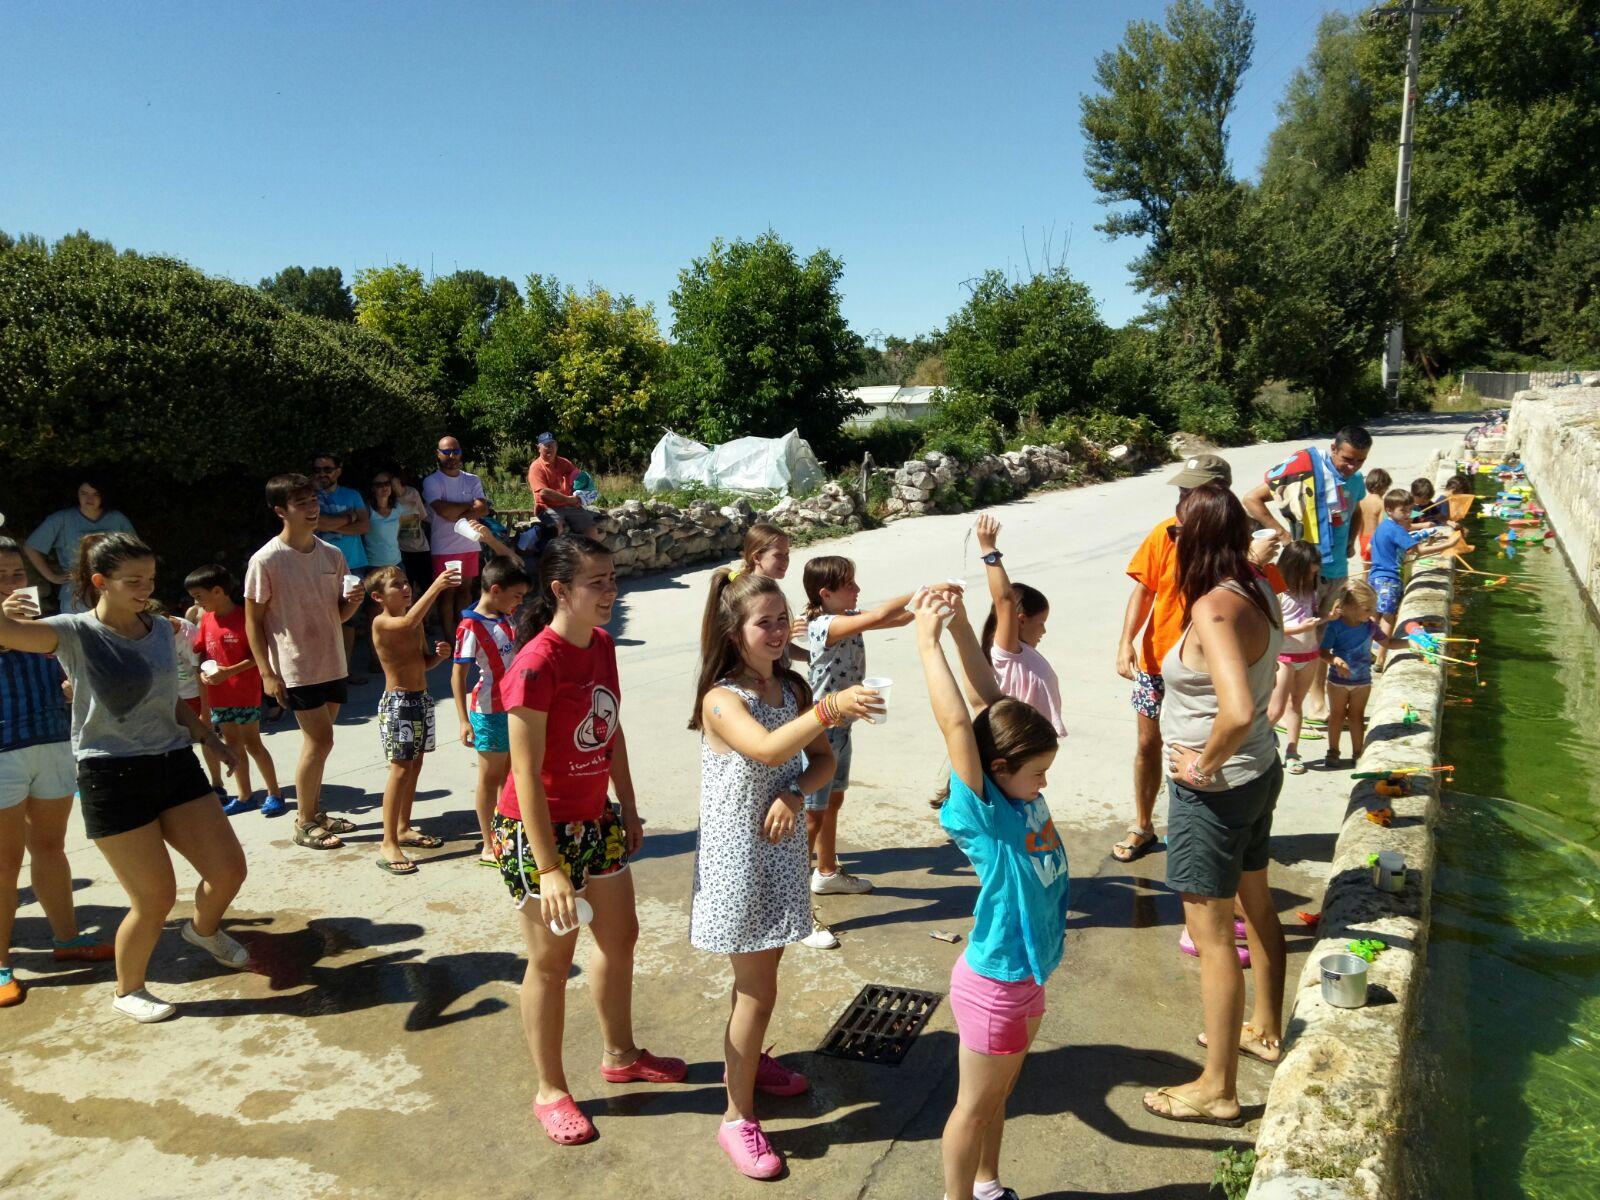 Juegos De Agua En El Cano A C Bahabon Va Bien